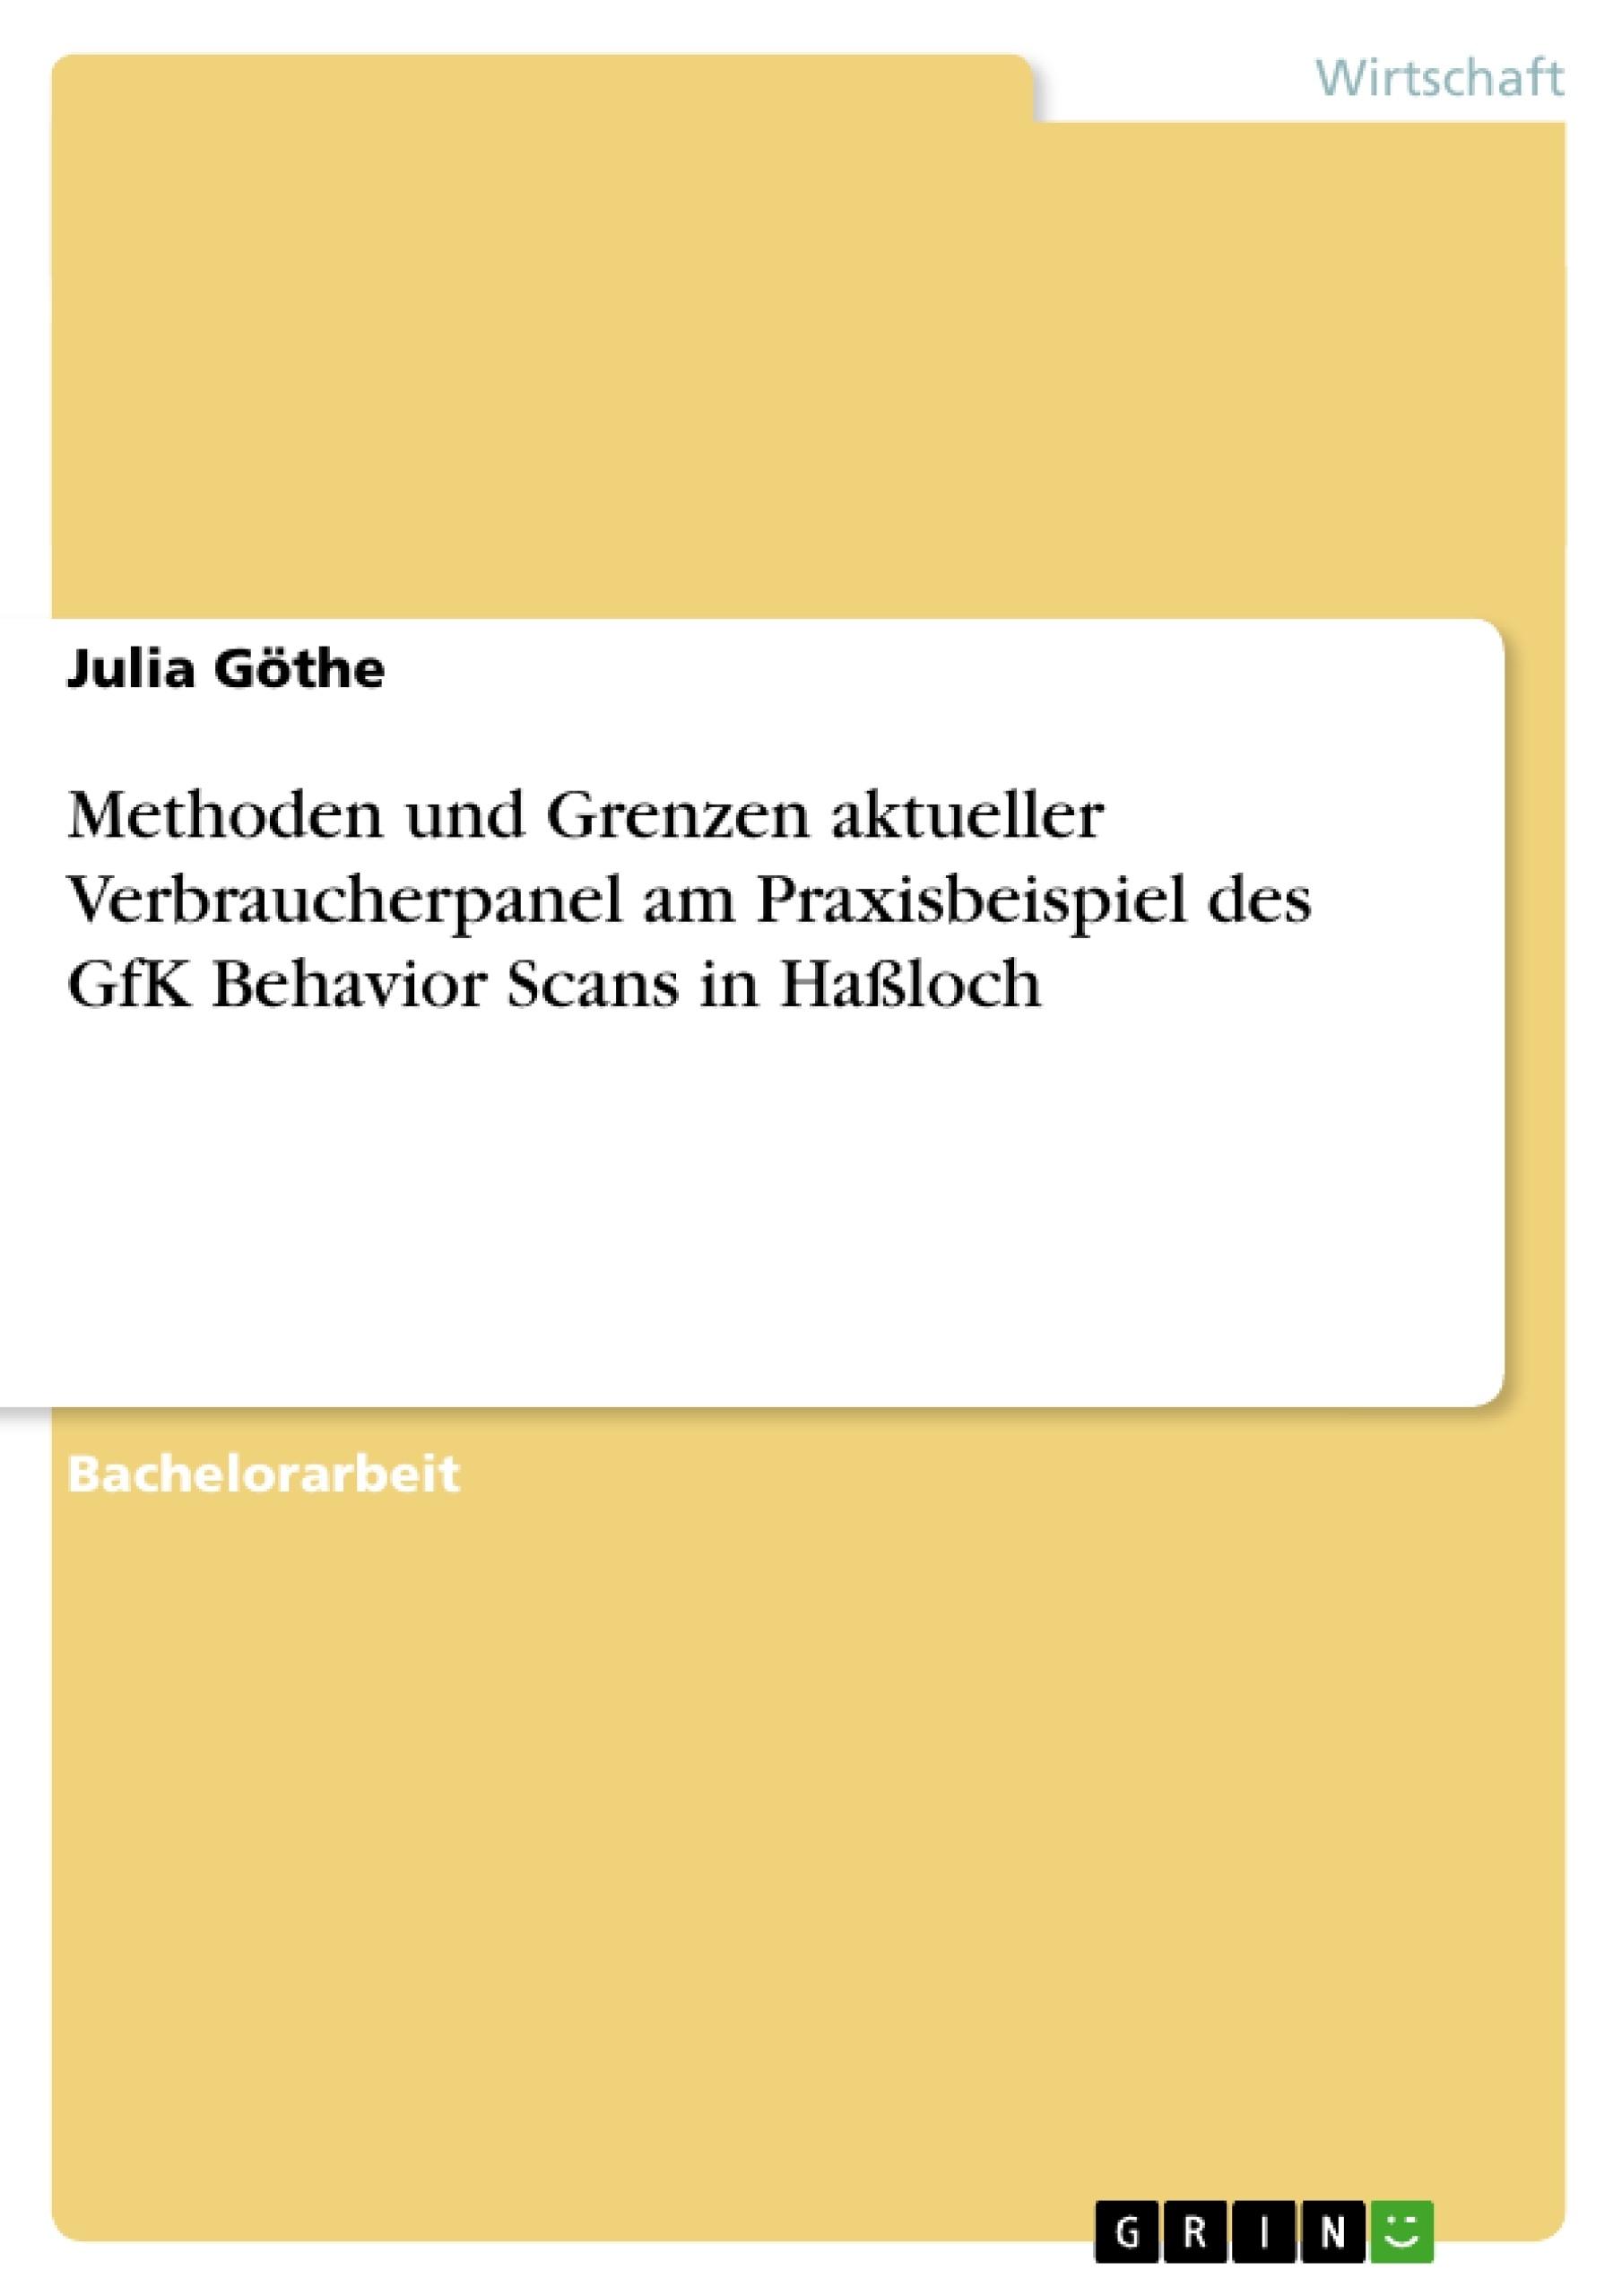 Titel: Methoden und Grenzen aktueller Verbraucherpanel am Praxisbeispiel des GfK Behavior Scans in Haßloch